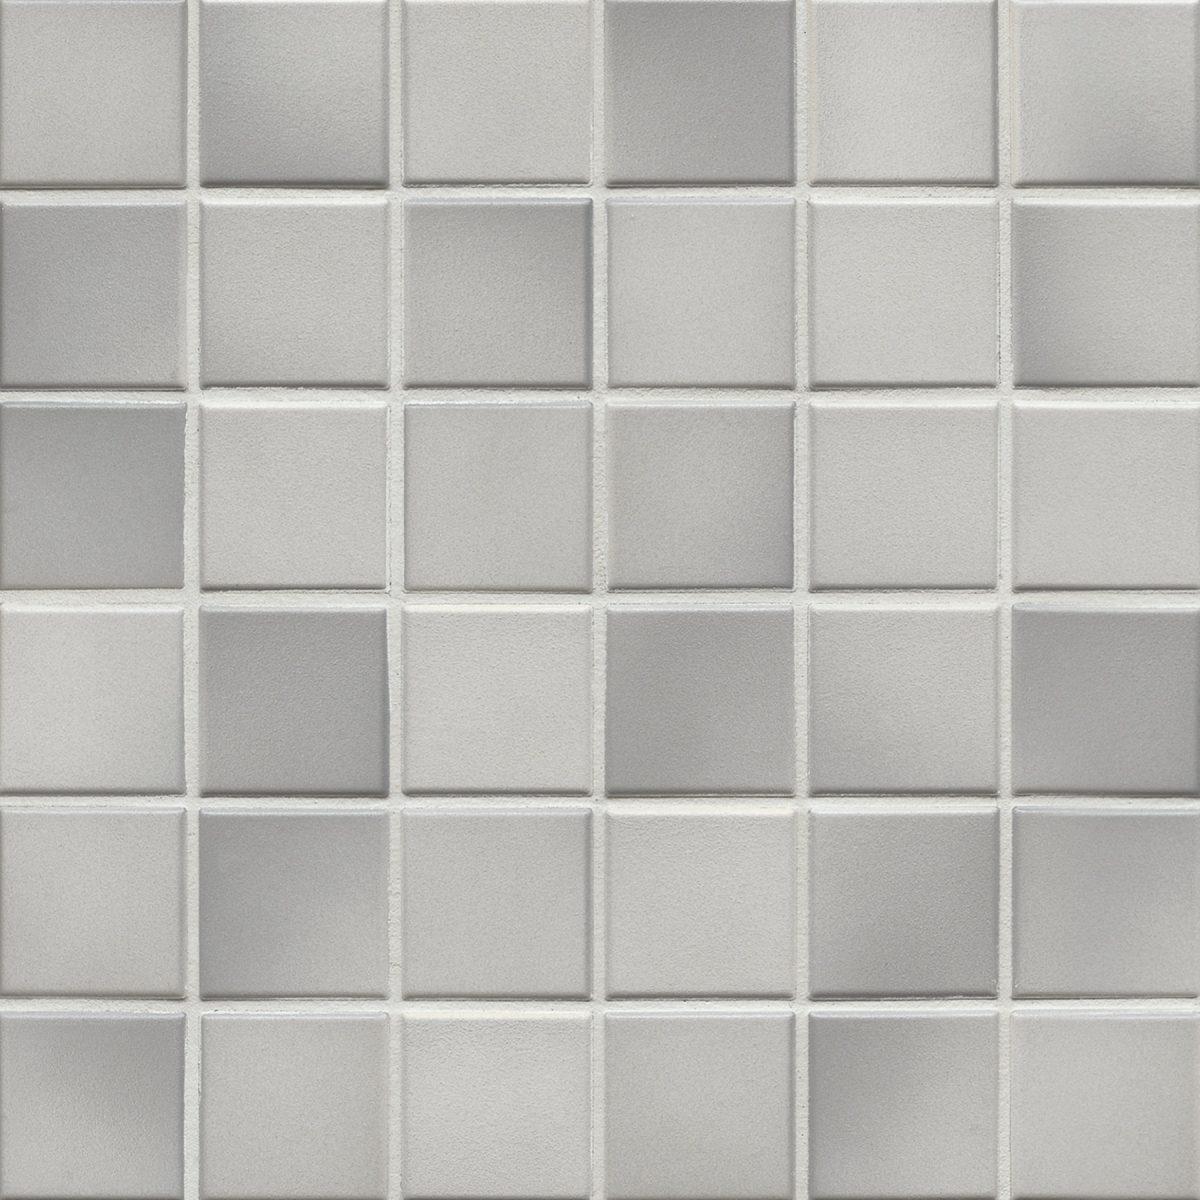 Мозаика серия Fresh 5,0 X 5,0 см Light Gray Mix Secura (противоскользящая R10/B)